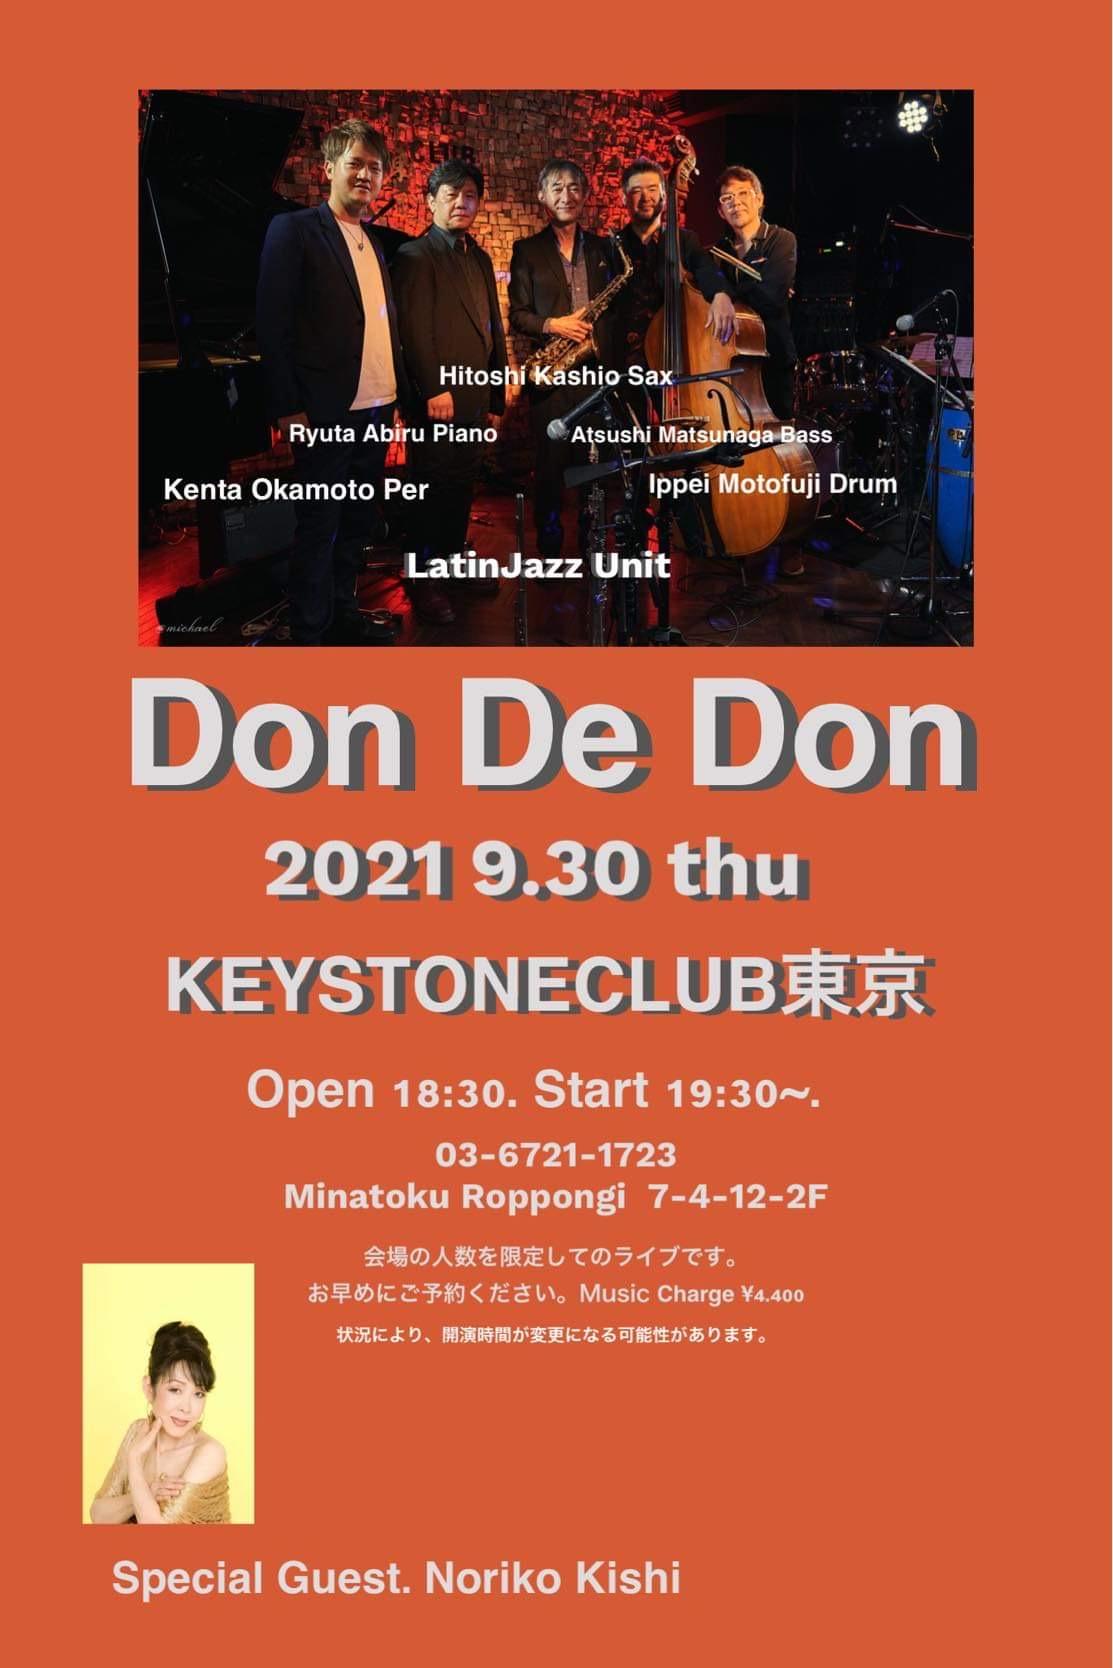 Don De Don